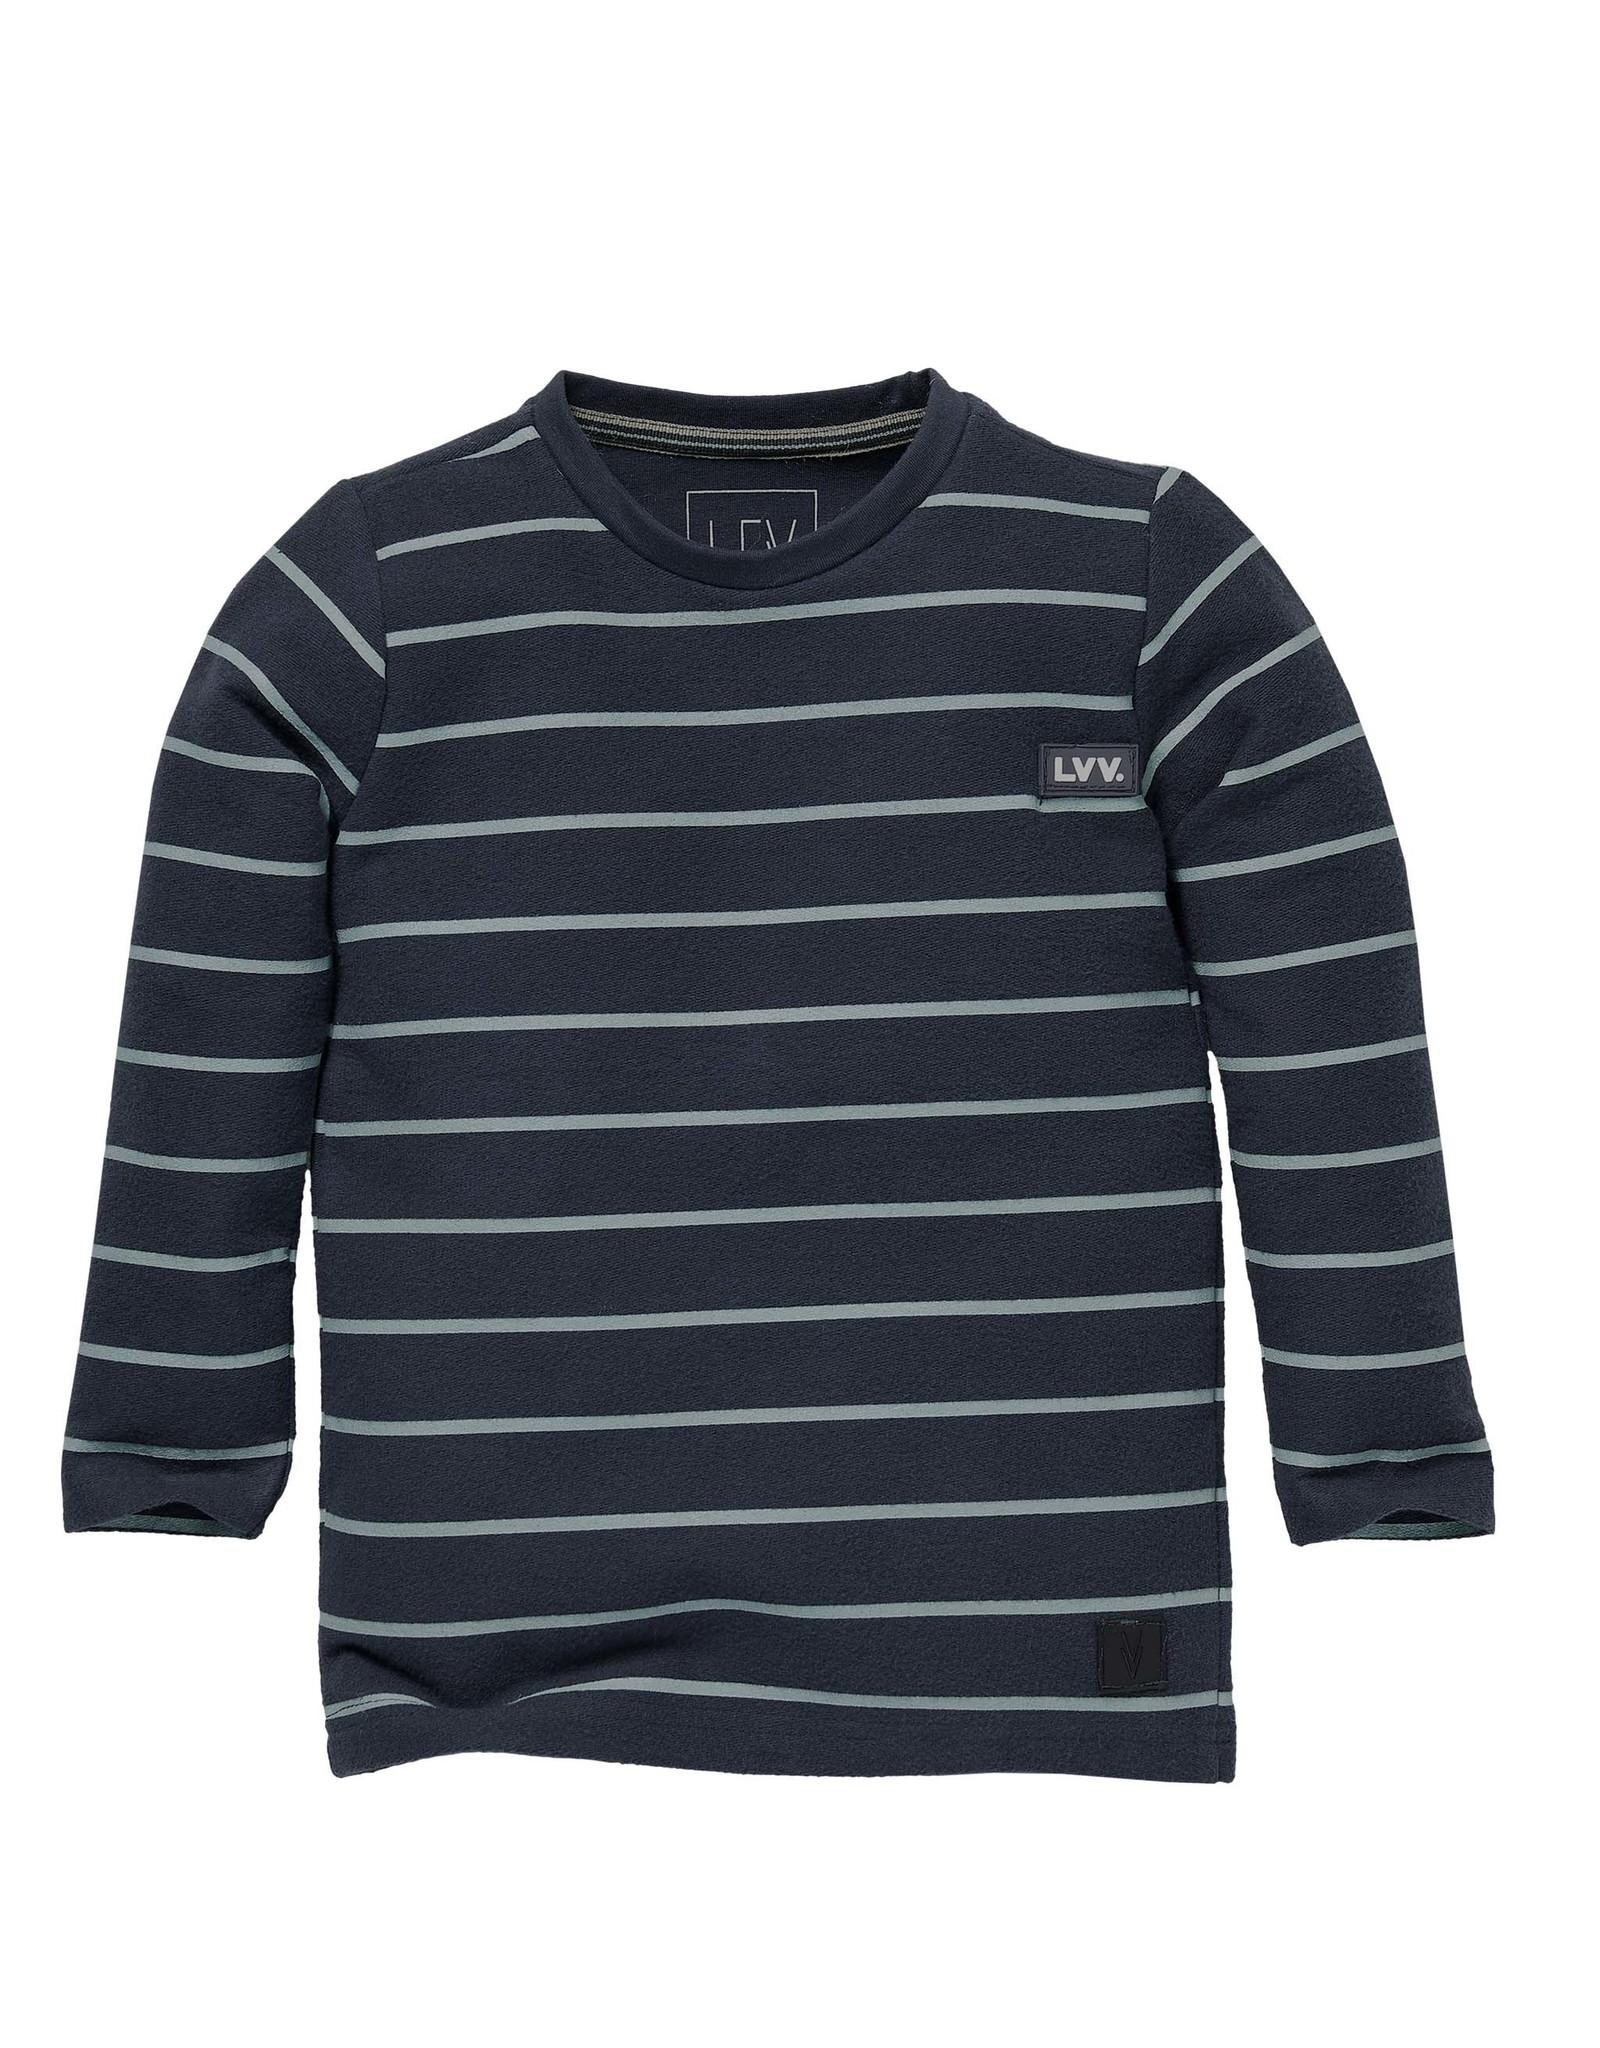 LEVV Levv jongens shirt Scott aop Grey Stone Stripe